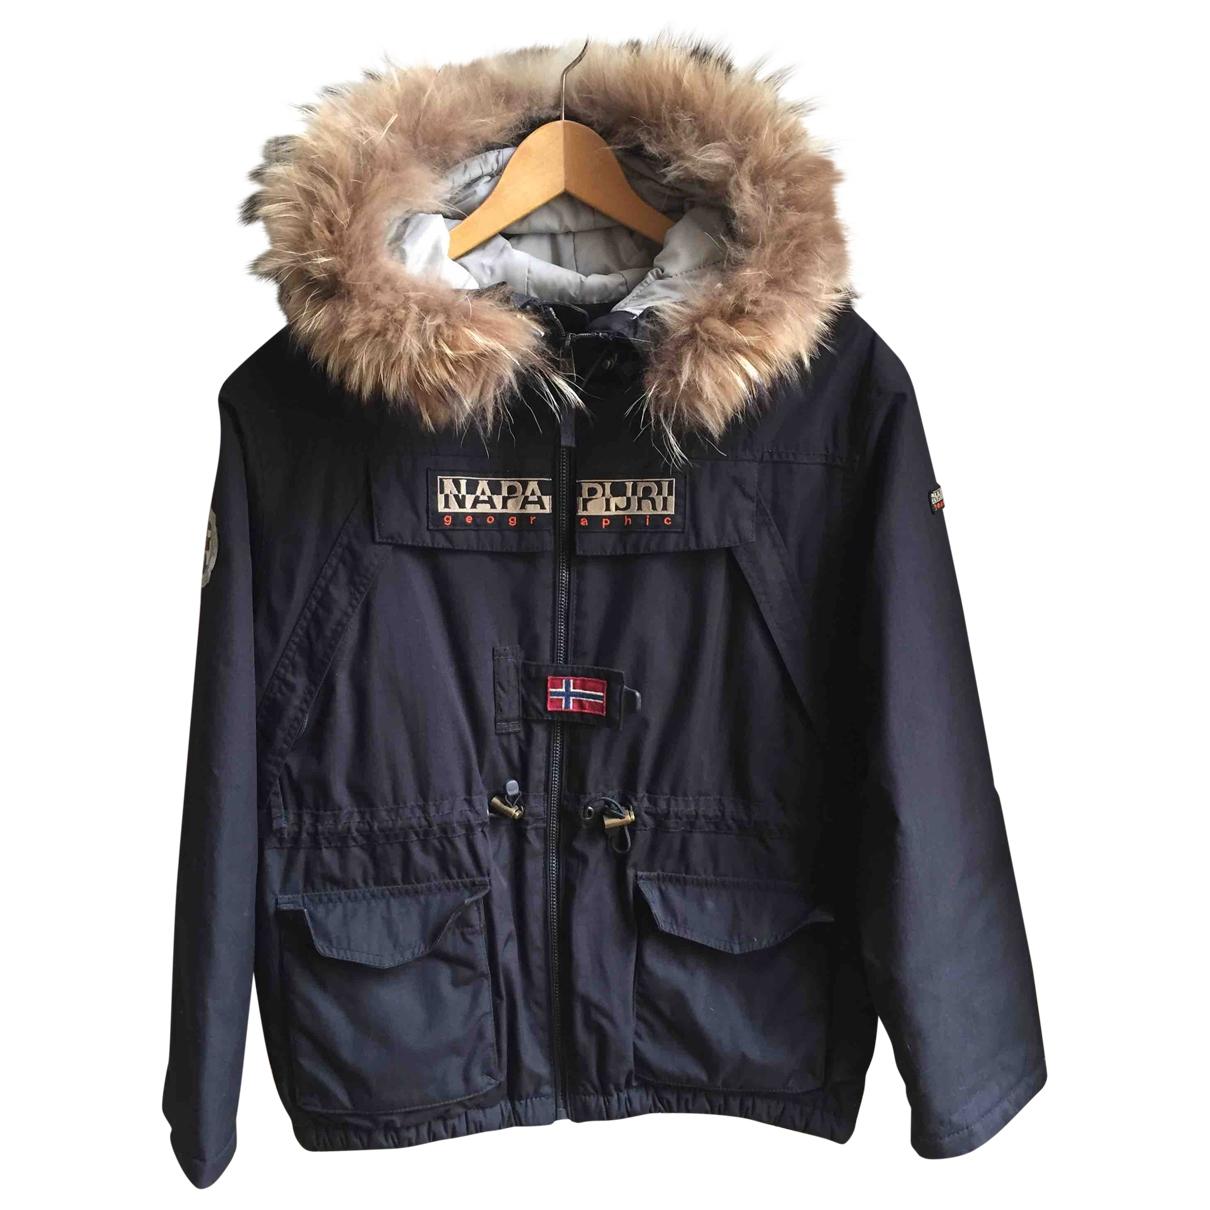 Napapijri \N Black jacket & coat for Kids 16 years - M FR